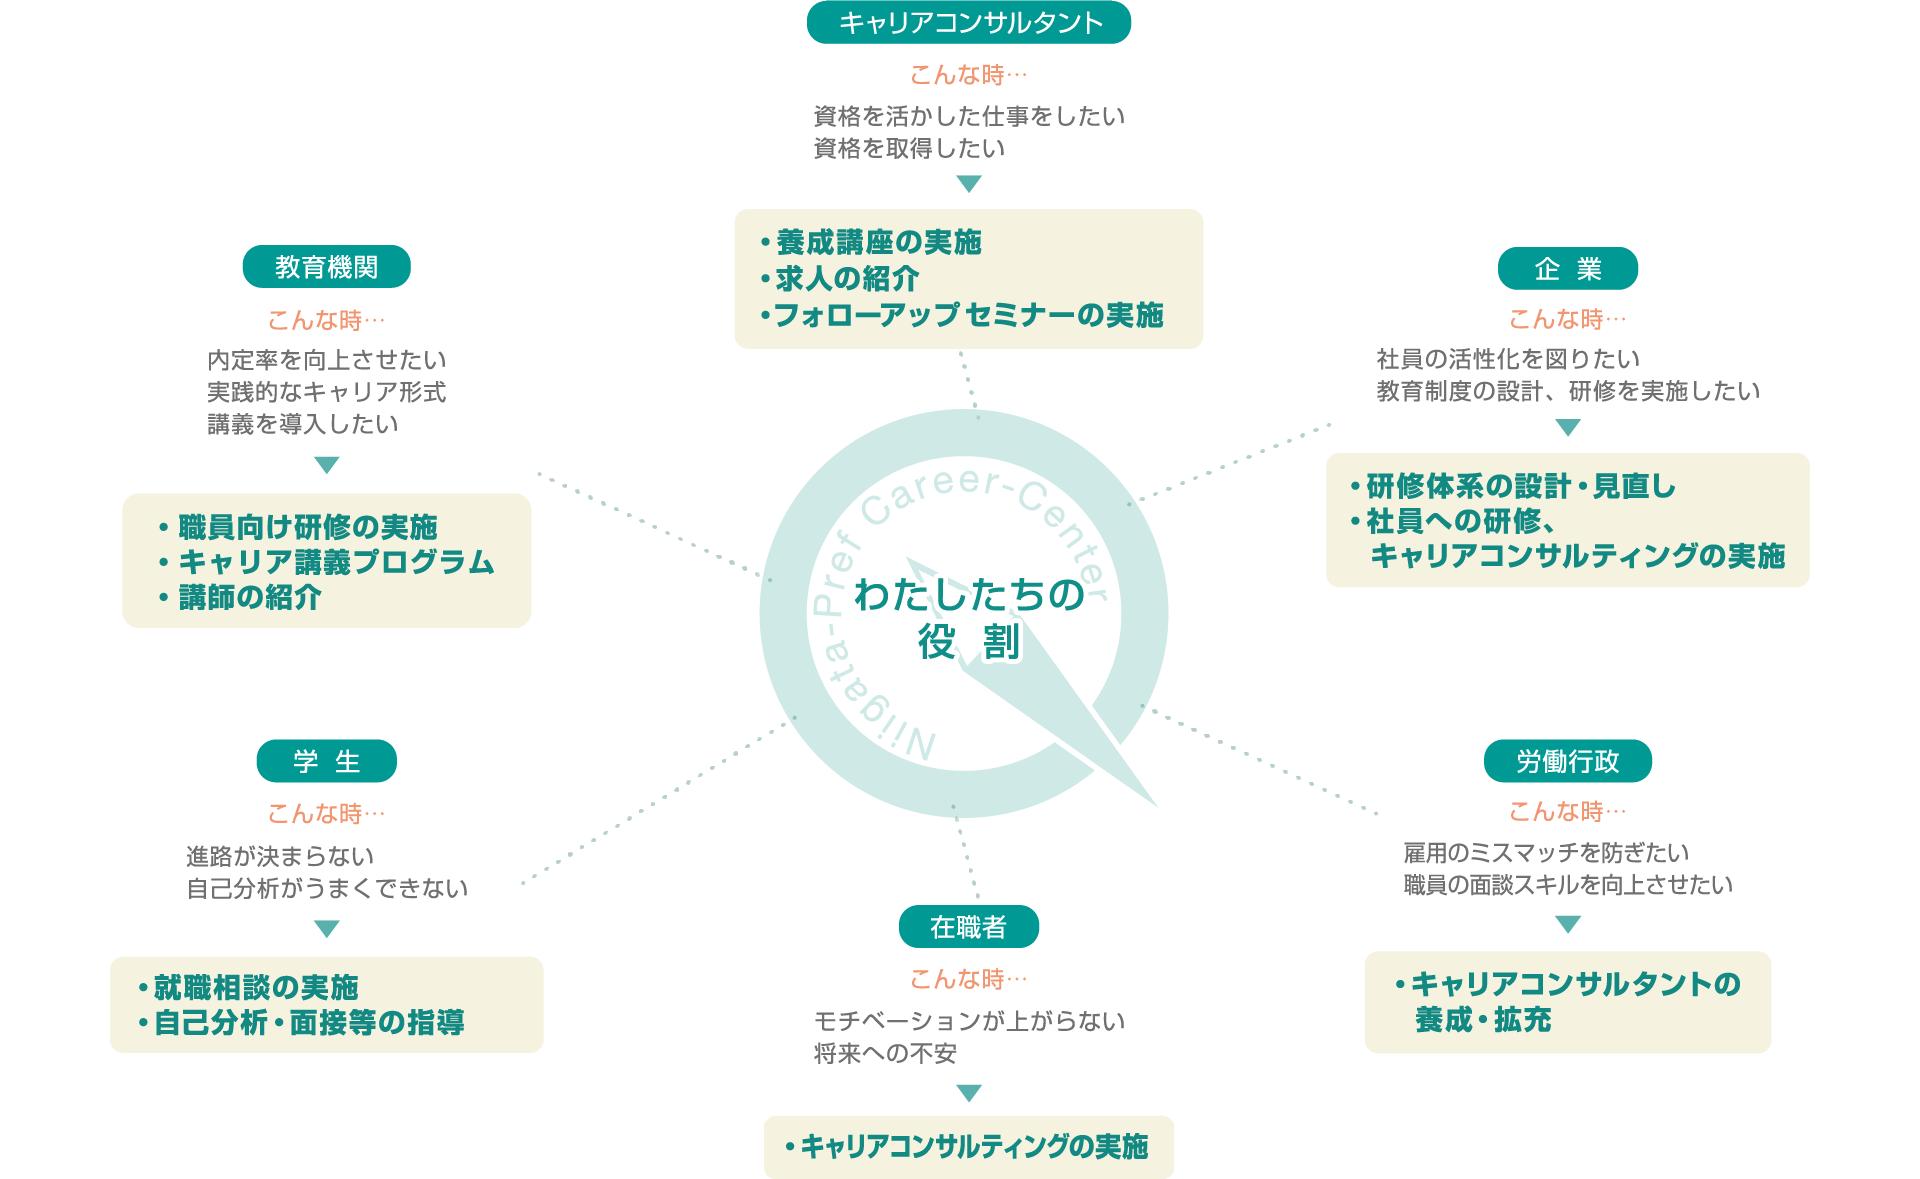 新潟県キャリアセンターの役割